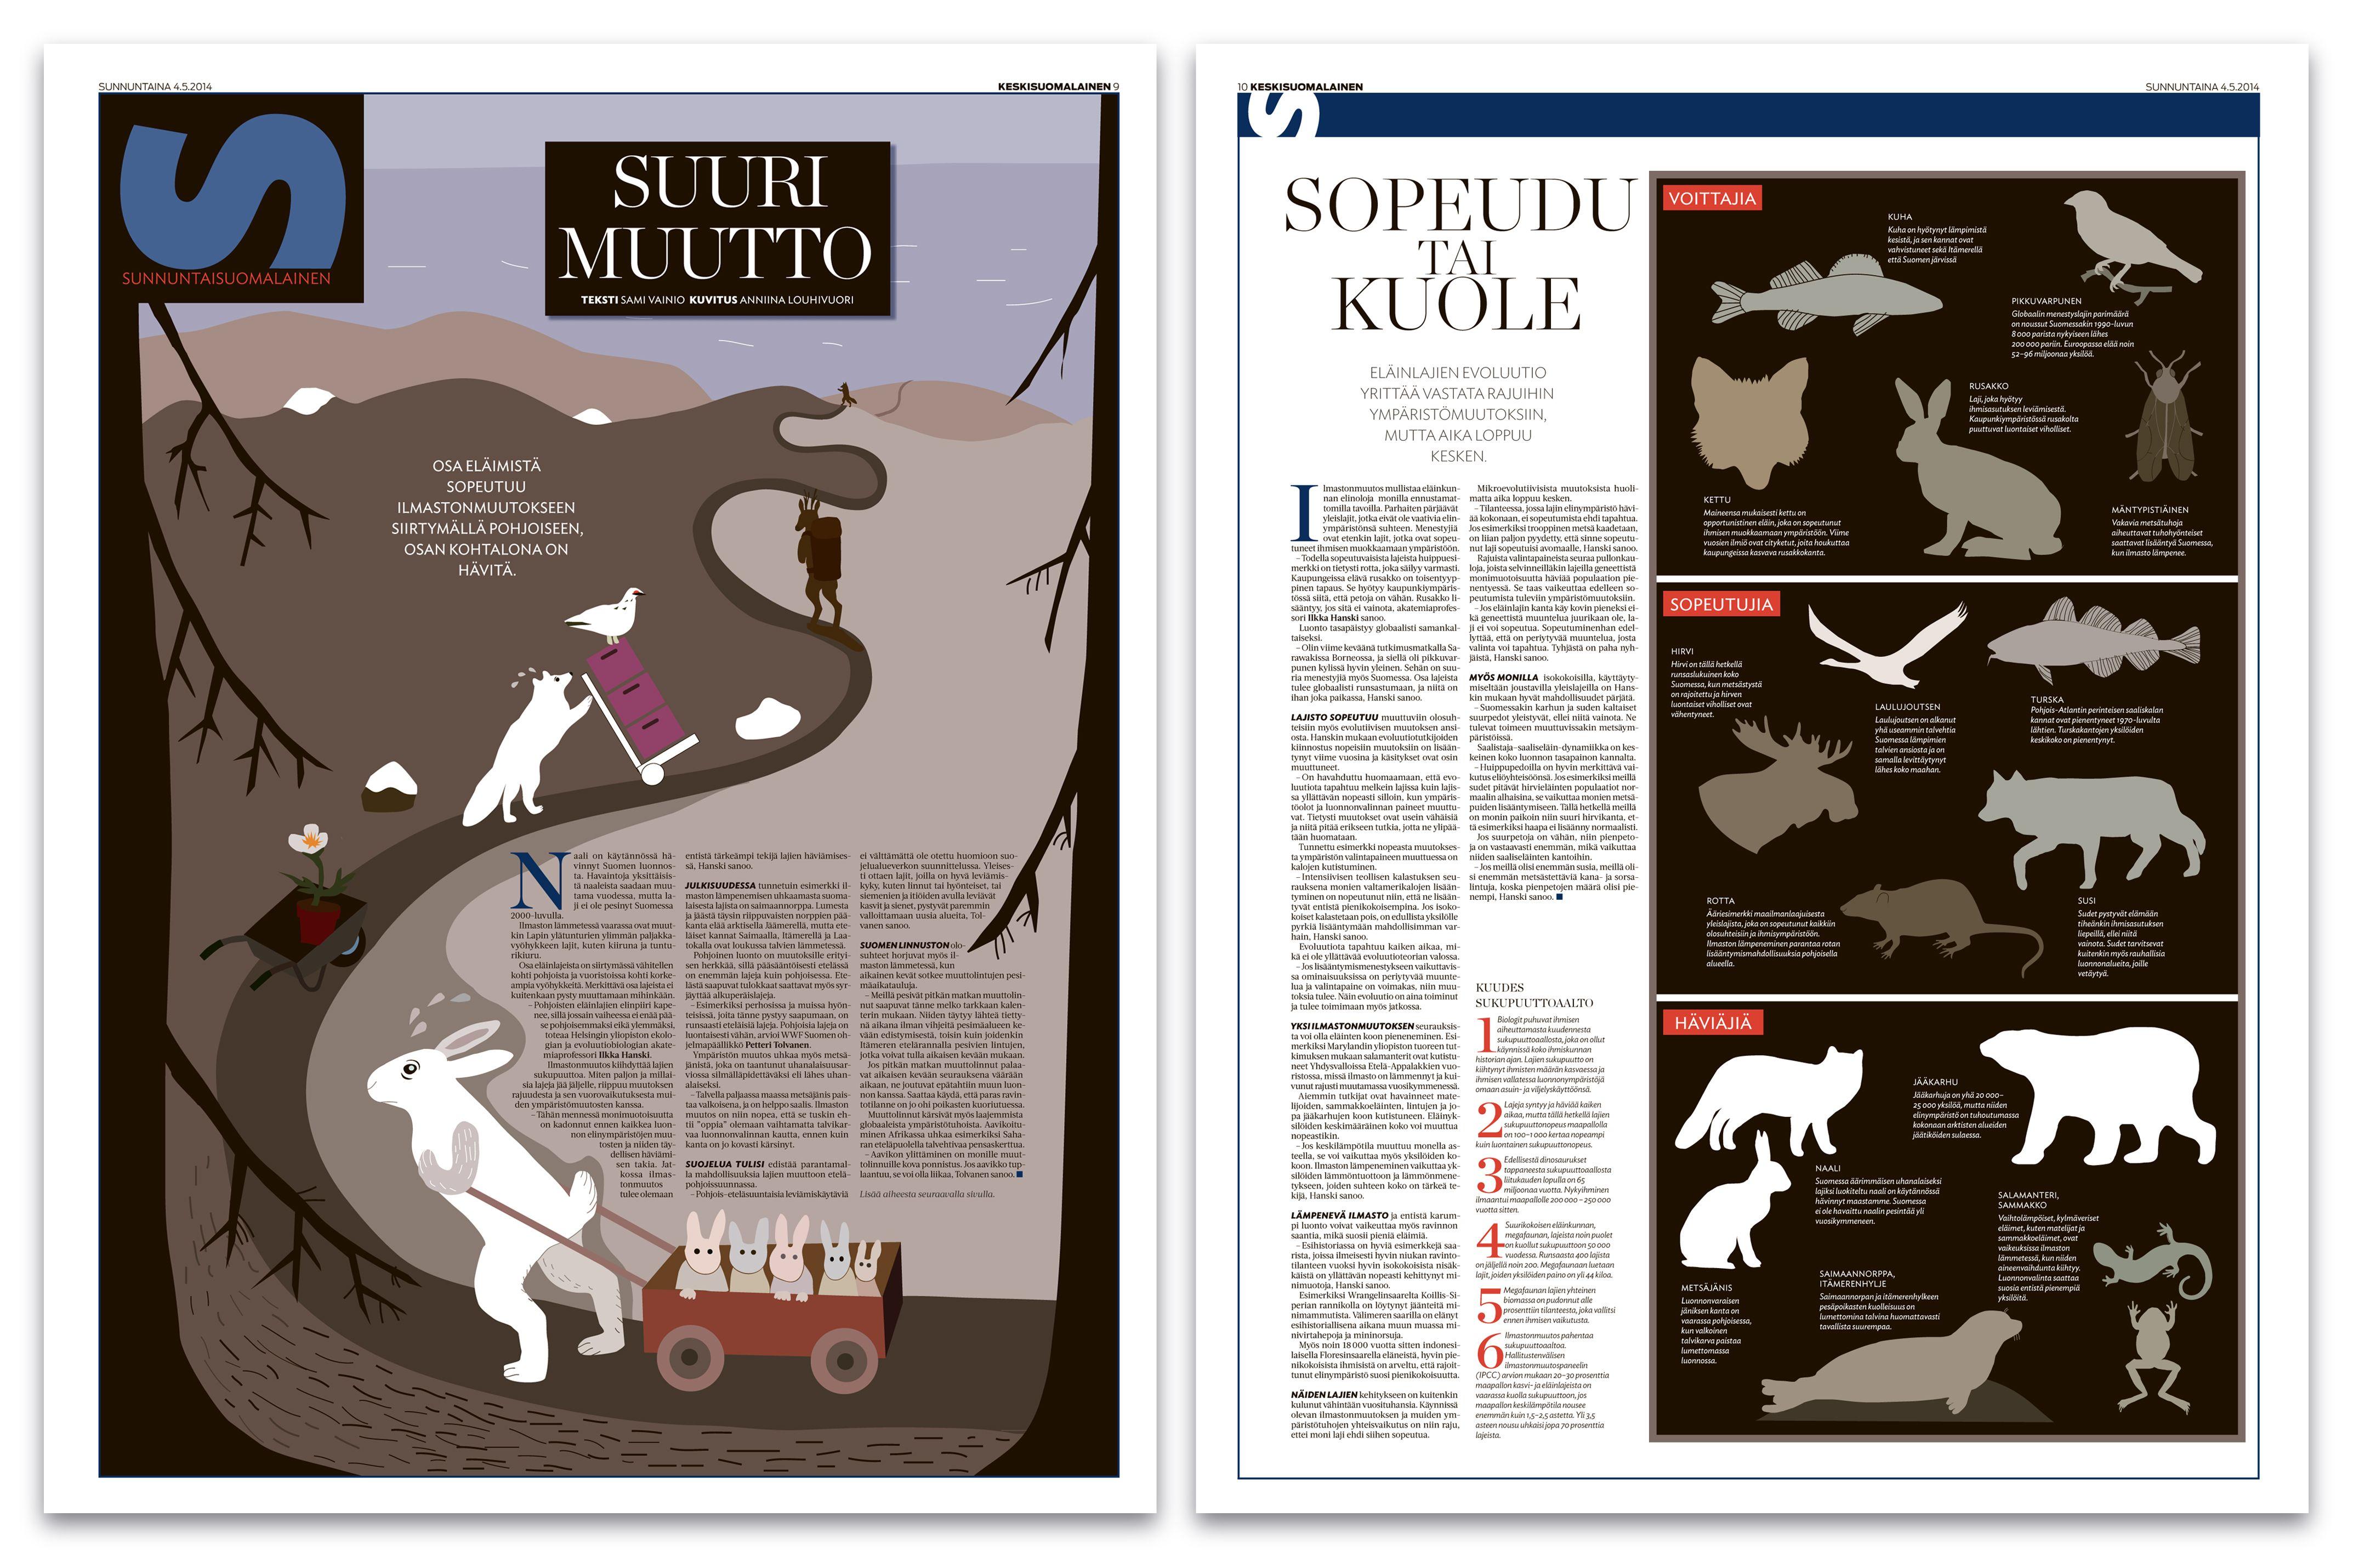 European Newspaper Award  Kun lumiraja siirtyy pohjoista kohti, on pupunkin lähdettävä muuttoreissulle. Ilmastonmuutos vaikuttaa eläimiin monella tavalla: osa kutistuu, osa kasvaa, osa häviää kokonaan. Suurta muuttoa seurattiin Susussa 4.5.2014. Teksti: Sami Vainio, kuvitus: Anniina Louhivuori